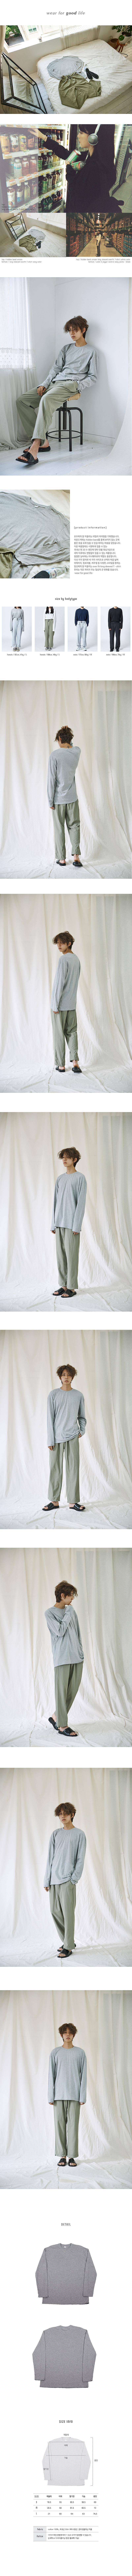 자토(ZATO) 히든밴드 유니섹스 오버핏 긴팔티 - gray